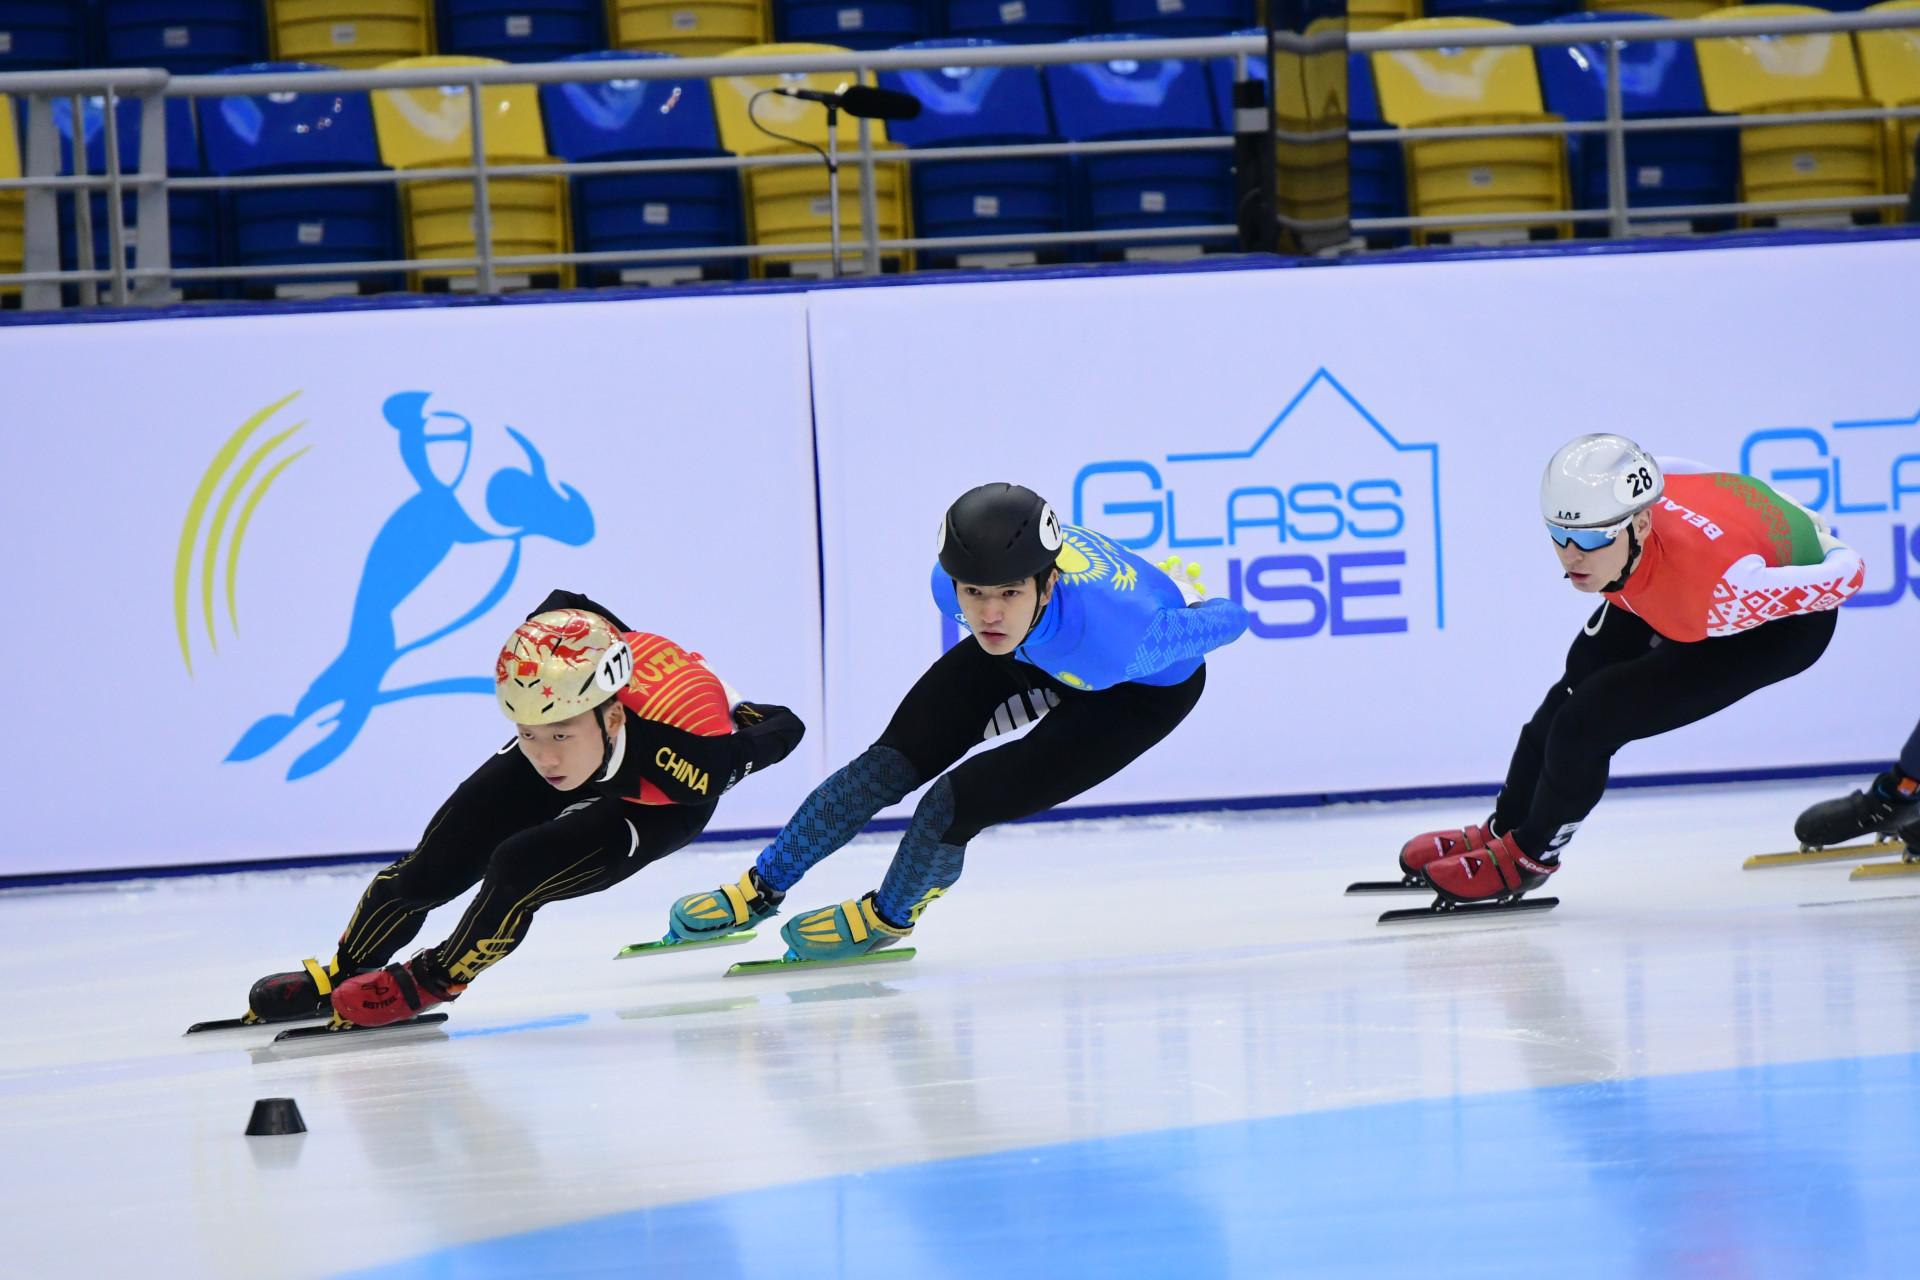 Казахстанец удерживает за собой пятое место общего зачета Кубка мира по шорт-треку